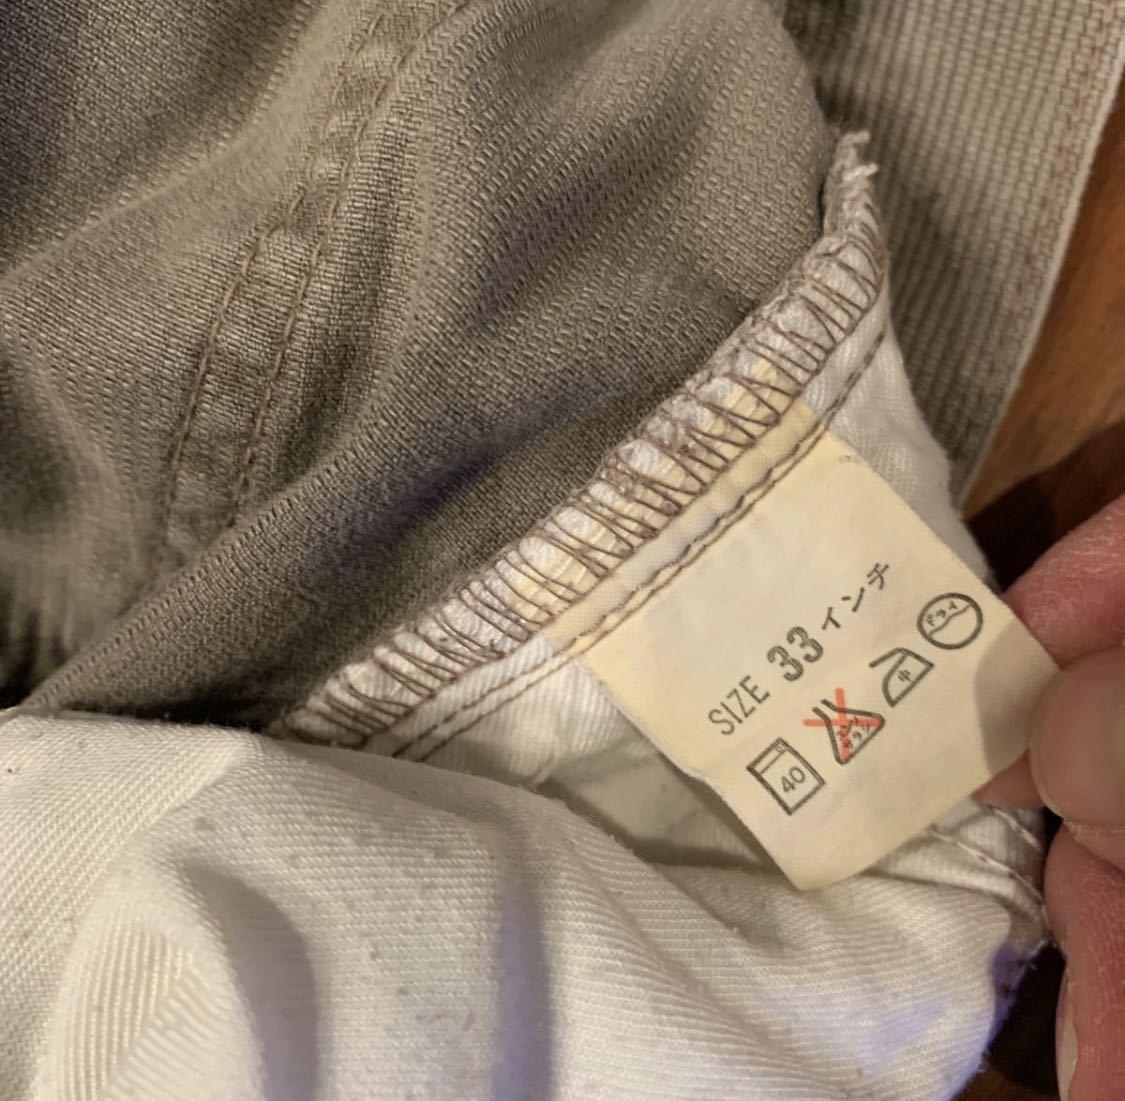 日本製 キレイ リーバイス 513 BIG E ストレート コーデュロイ W33 細畝 90s Levi's vintage 519 517_画像9